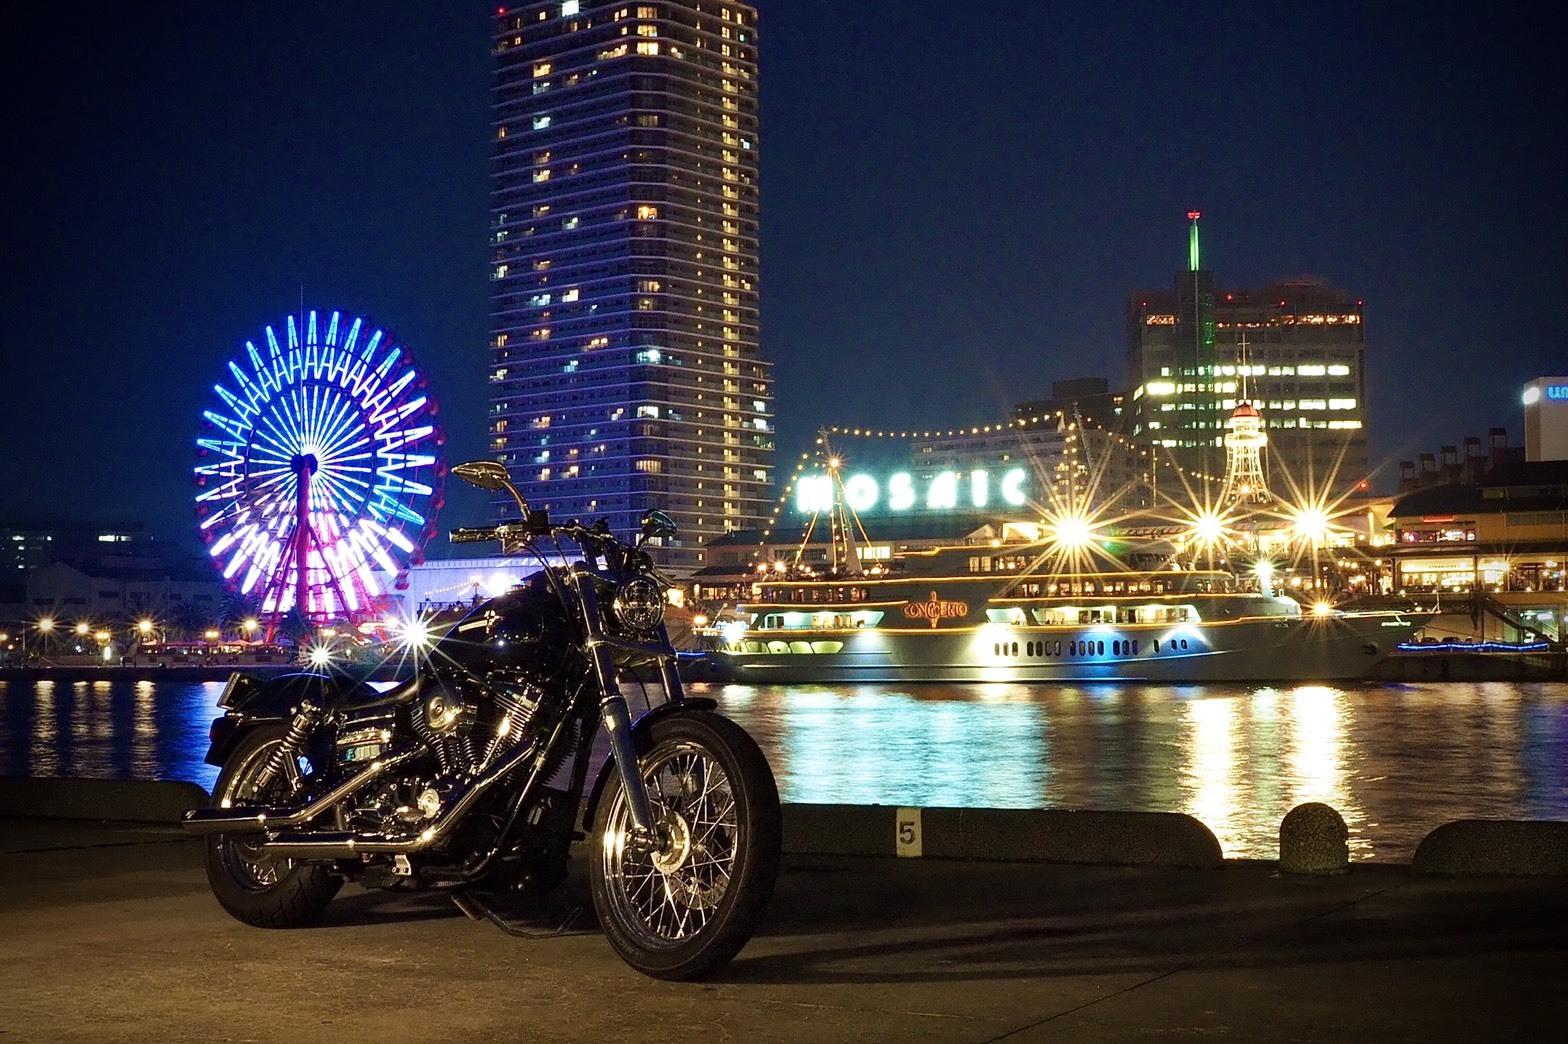 ぴーきちハーレーブログ 神戸ナイトツーリング 夜景撮影 インスタ映え ハーバーランド 観覧車 モザイク